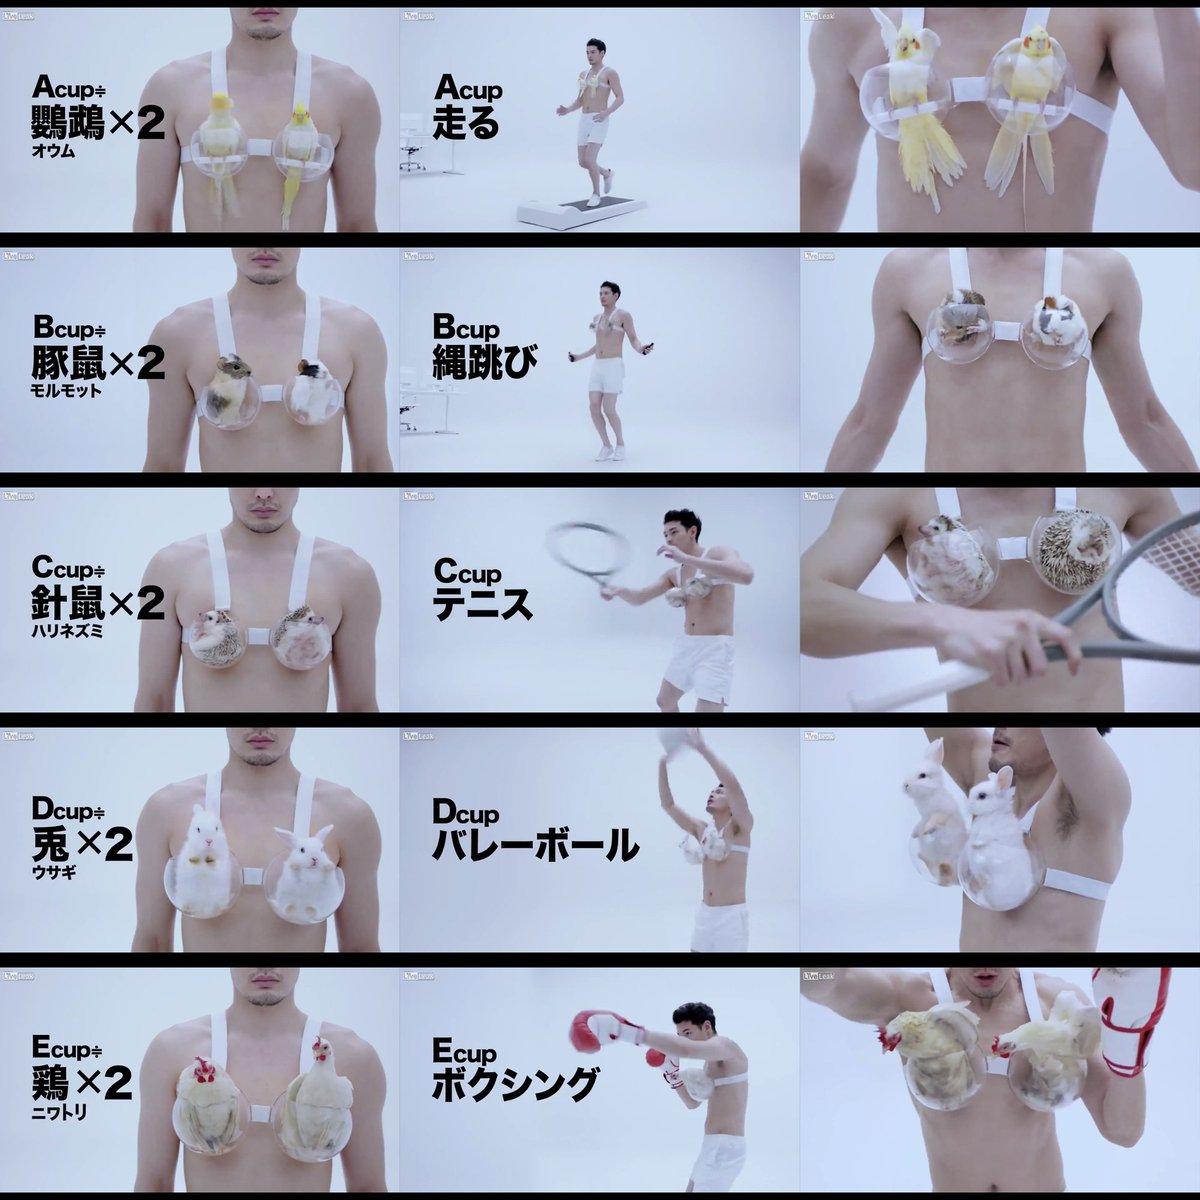 【動画】おまいら大好きなおっぱいの重さ知ってんのかwwww